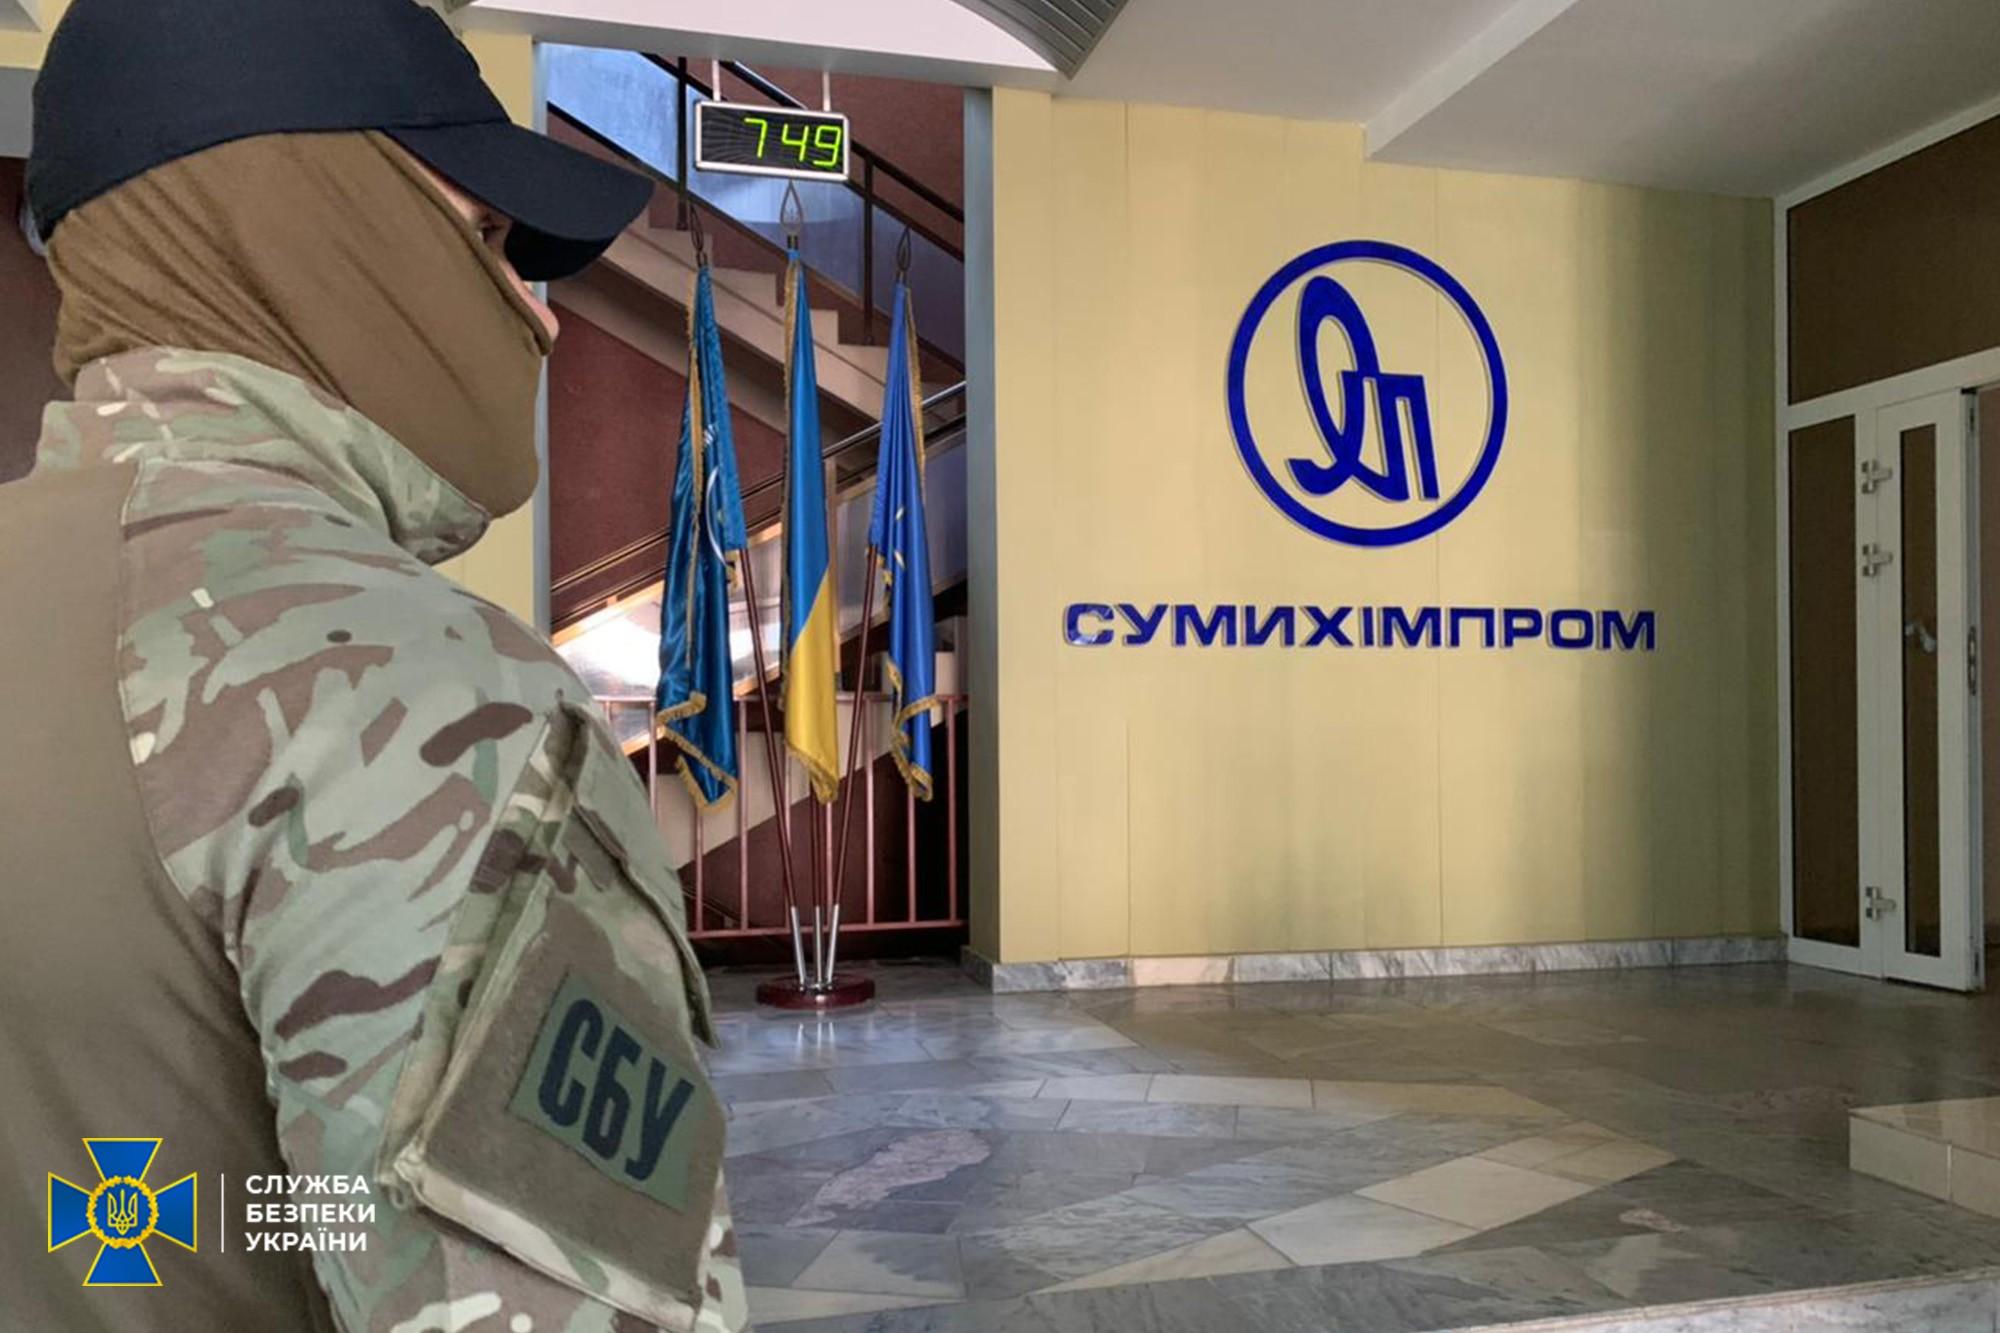 Жуткое ДТП на Николаевщине: трое погибли, двое пострадали, в том числе ребенок (ФОТО, ВИДЕО) 9